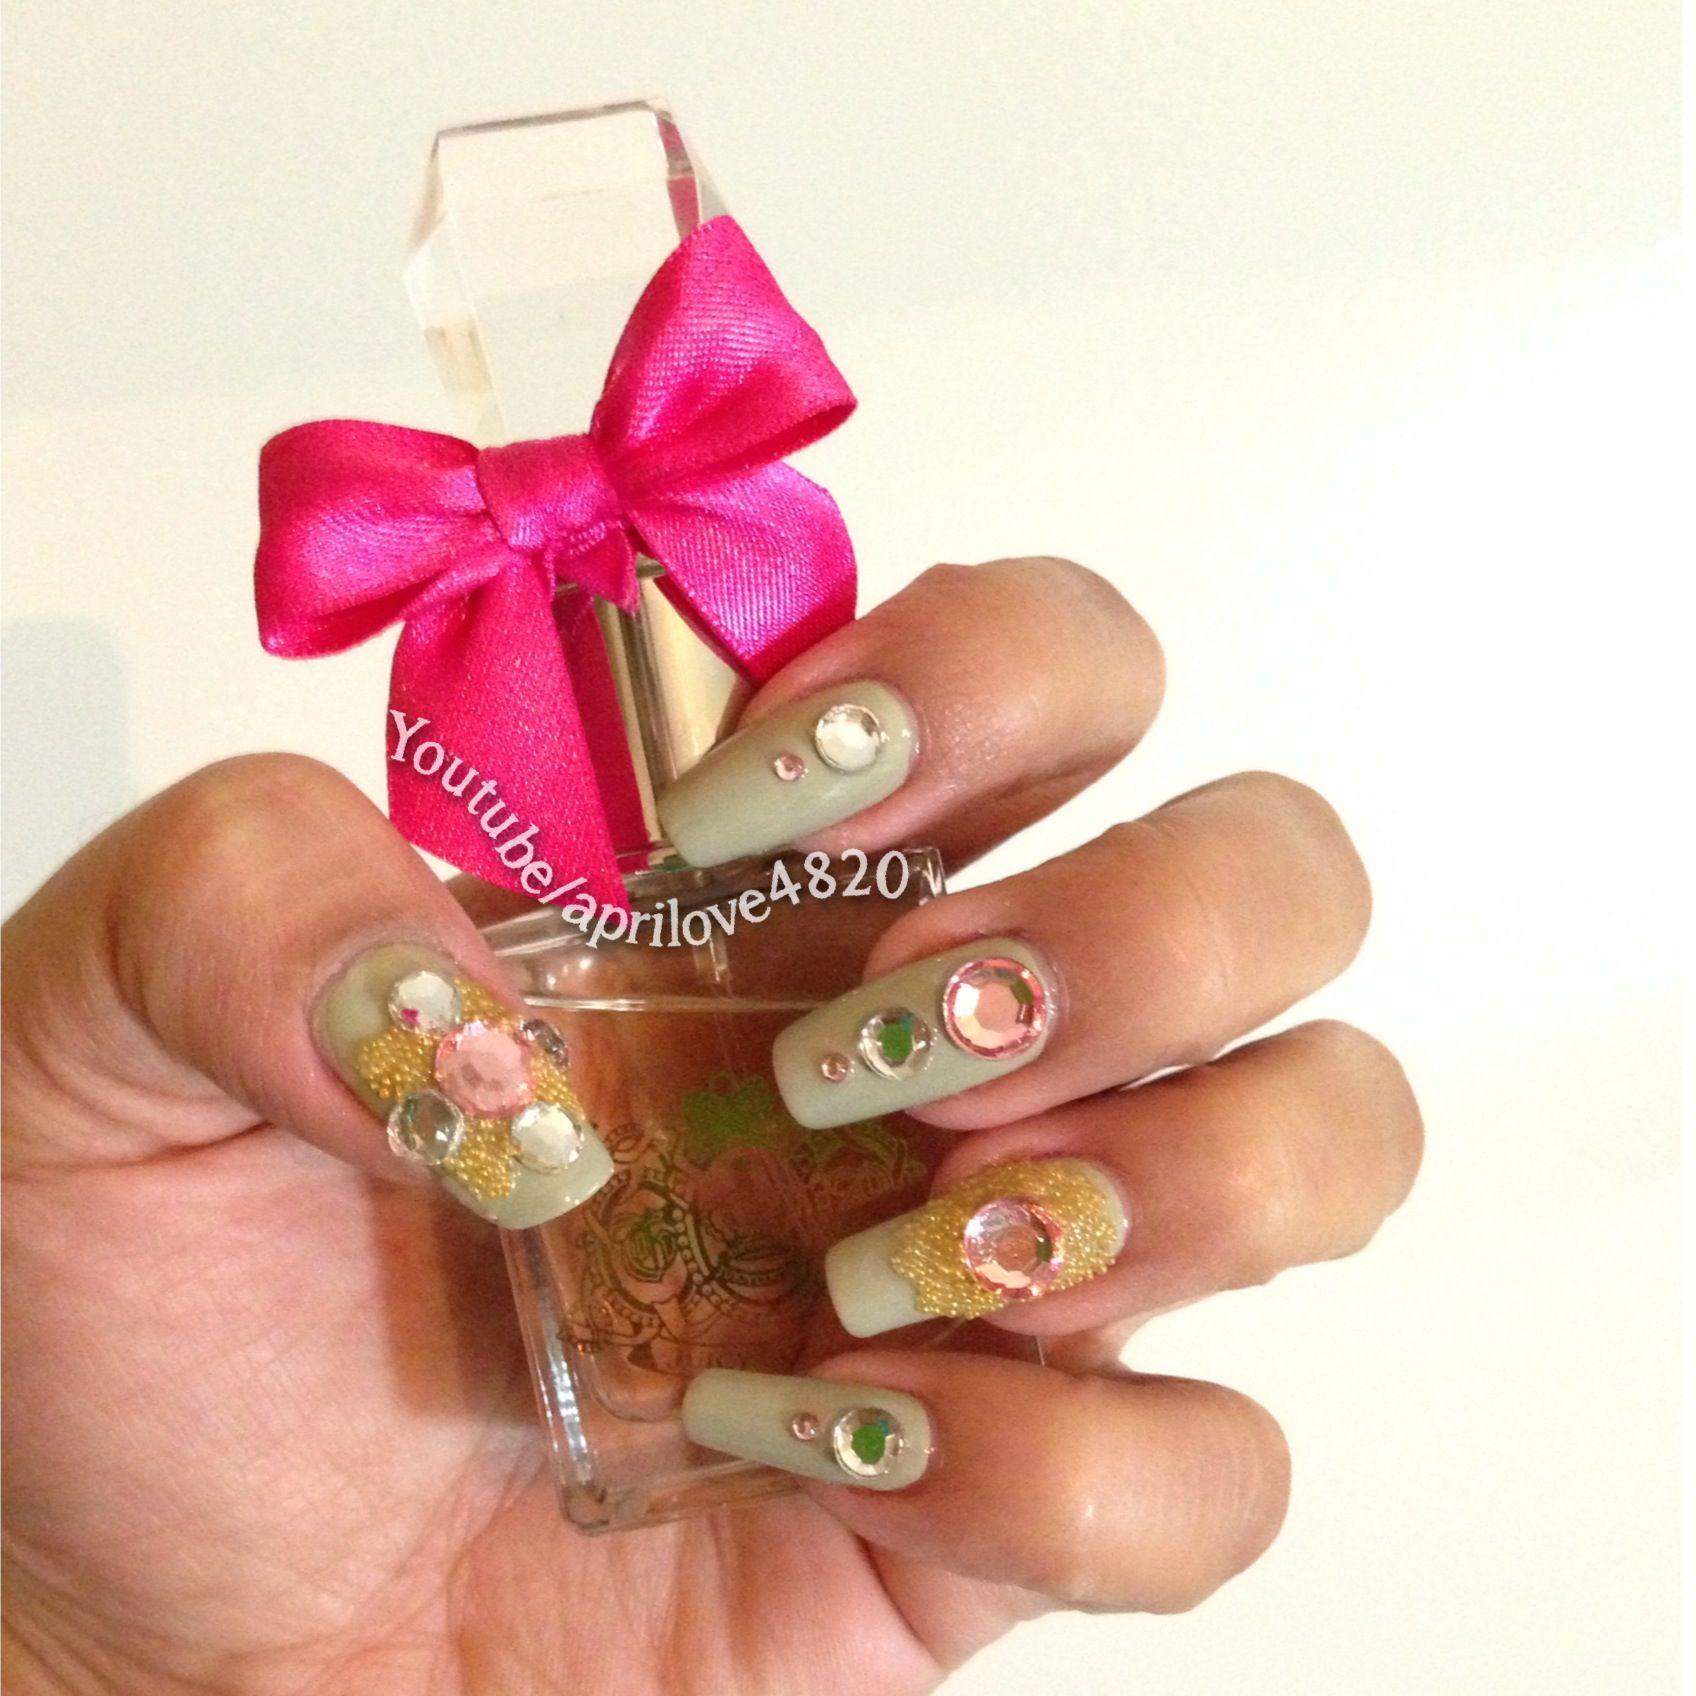 Girly nails #nails #nailart #nail ideas #fall nails #nails for fall ...